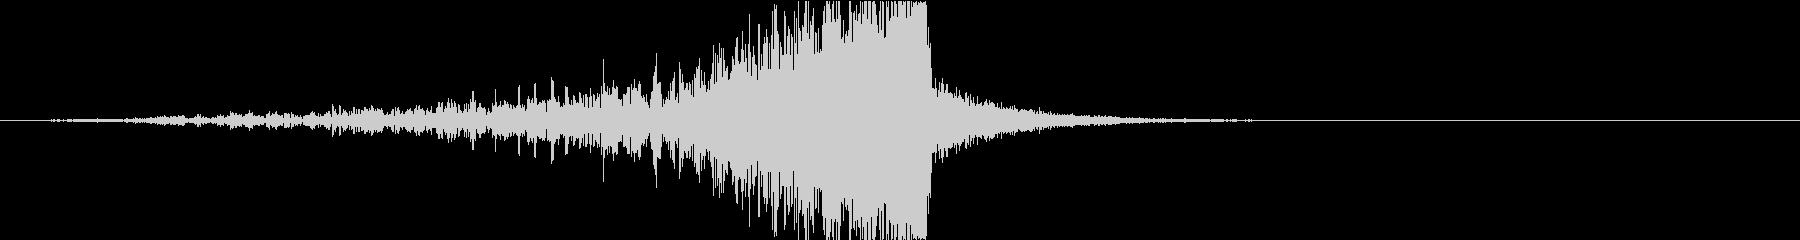 ドラマティックなリバース音39-01の未再生の波形